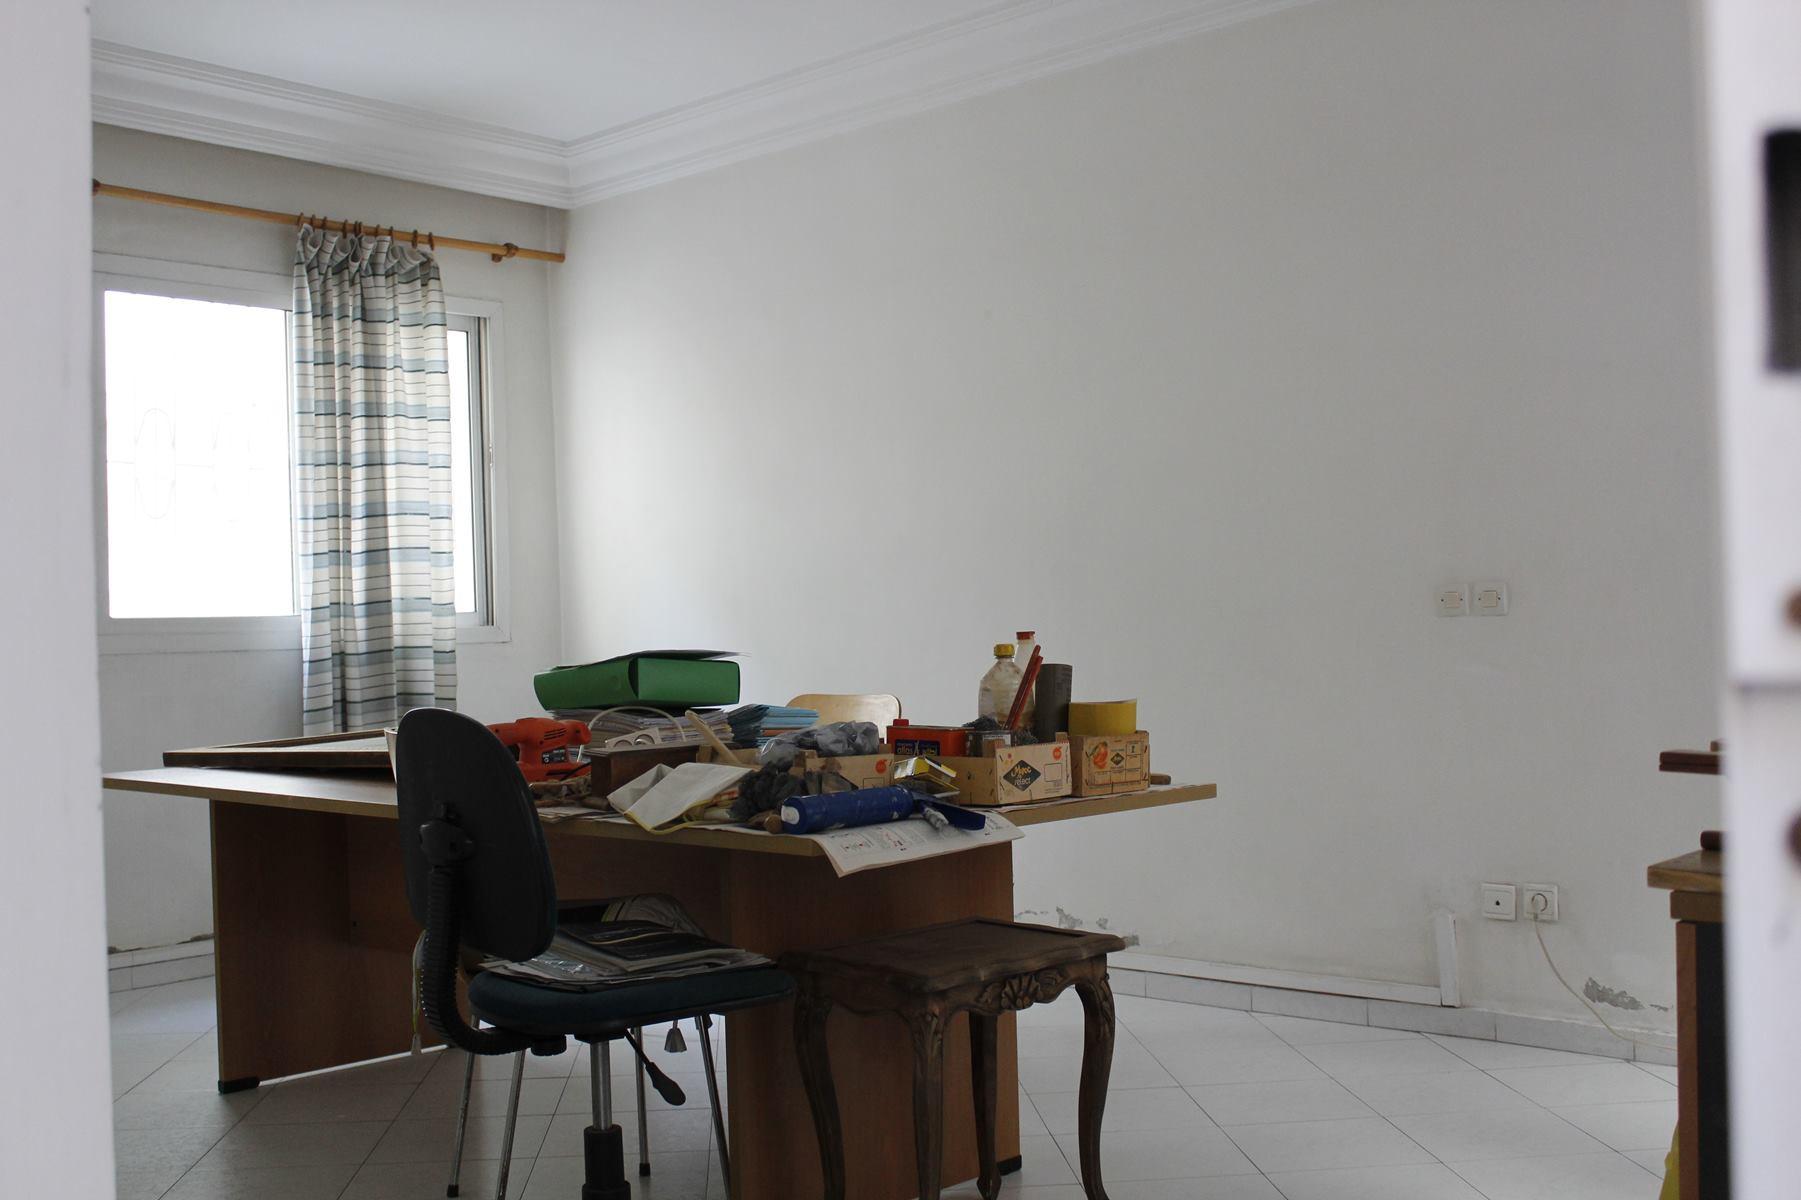 Casablanca Bureau a vendre quartier des hopitaux